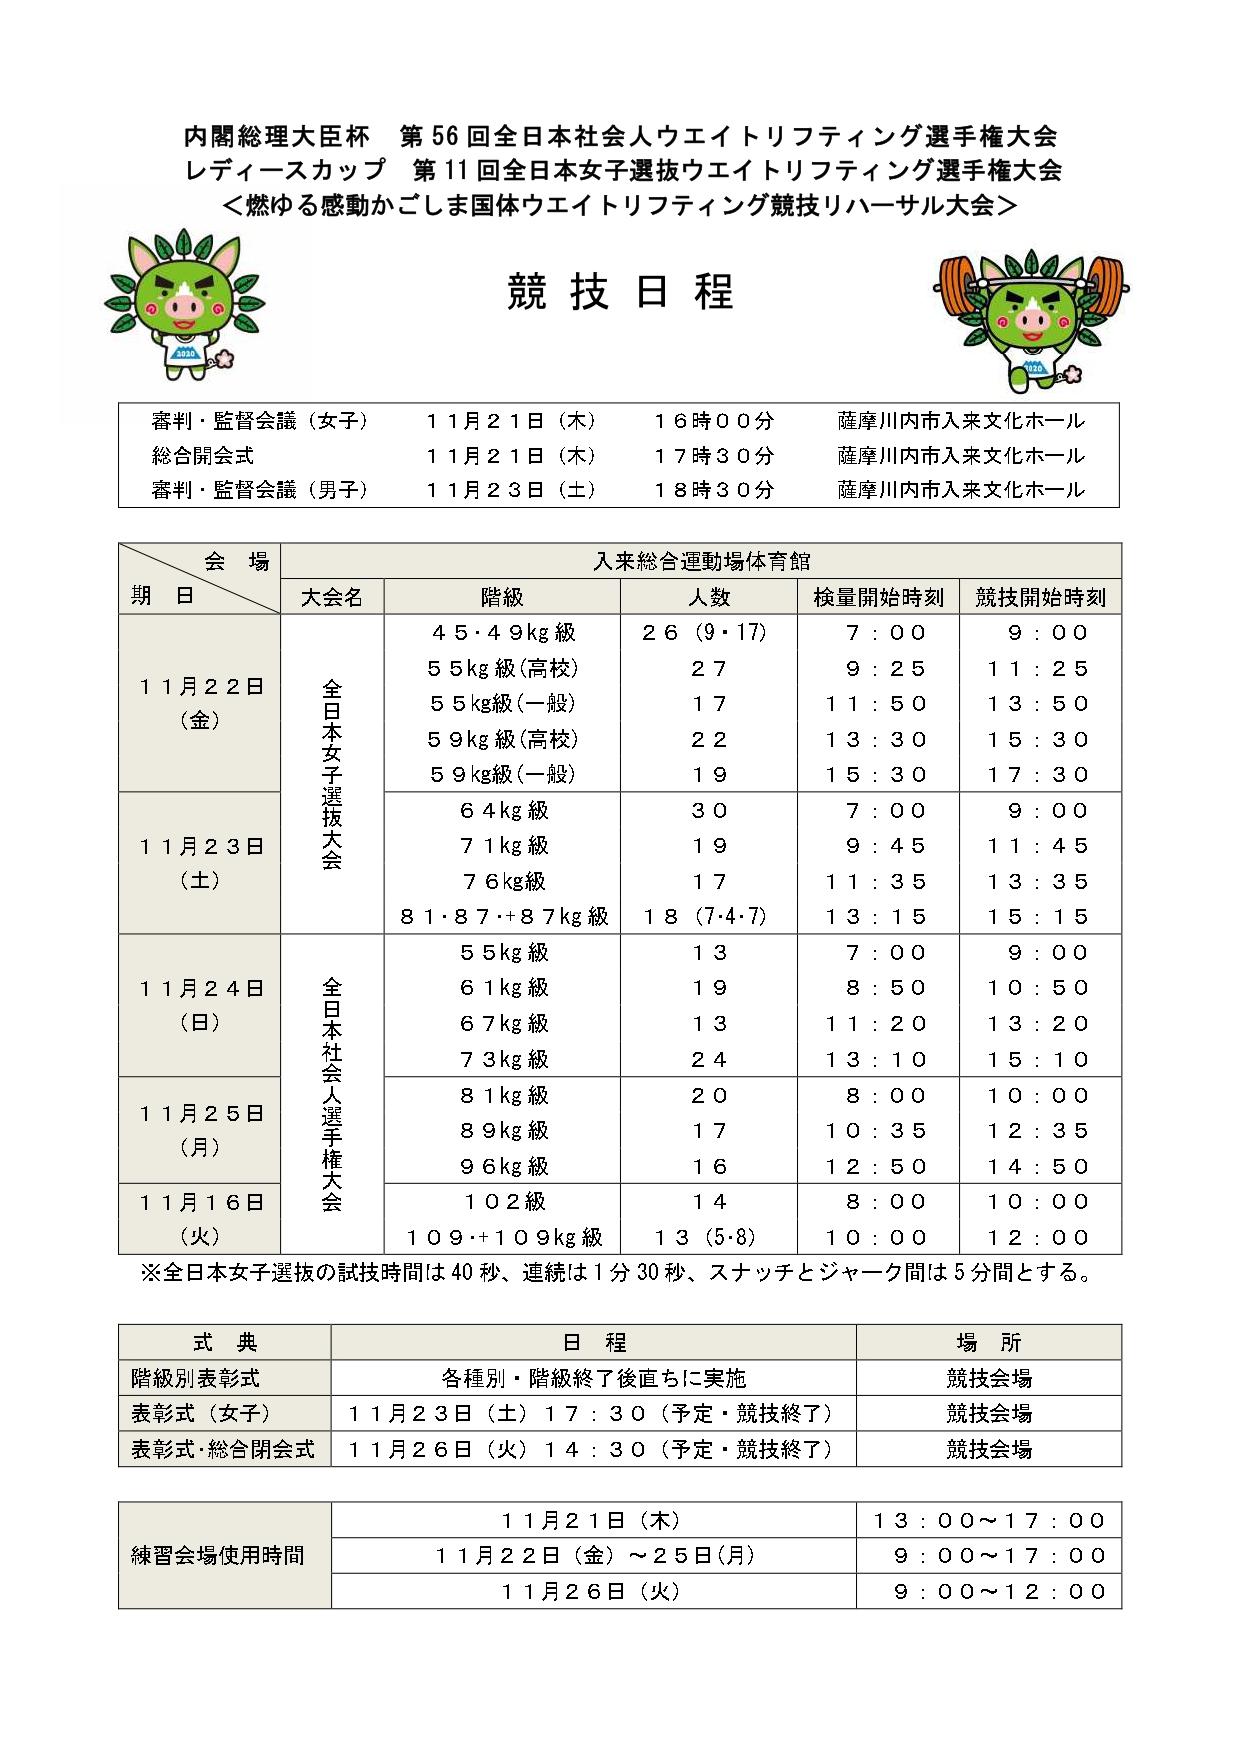 内閣総理大臣杯 第56回全日本社会人ウエイトリフティング選手権大会・レディースカップ第11回全日本女子選抜ウエイトリフティング選手権大会〈燃ゆる感動かごしま国体ウエイトリフティング競技リハーサル大会〉